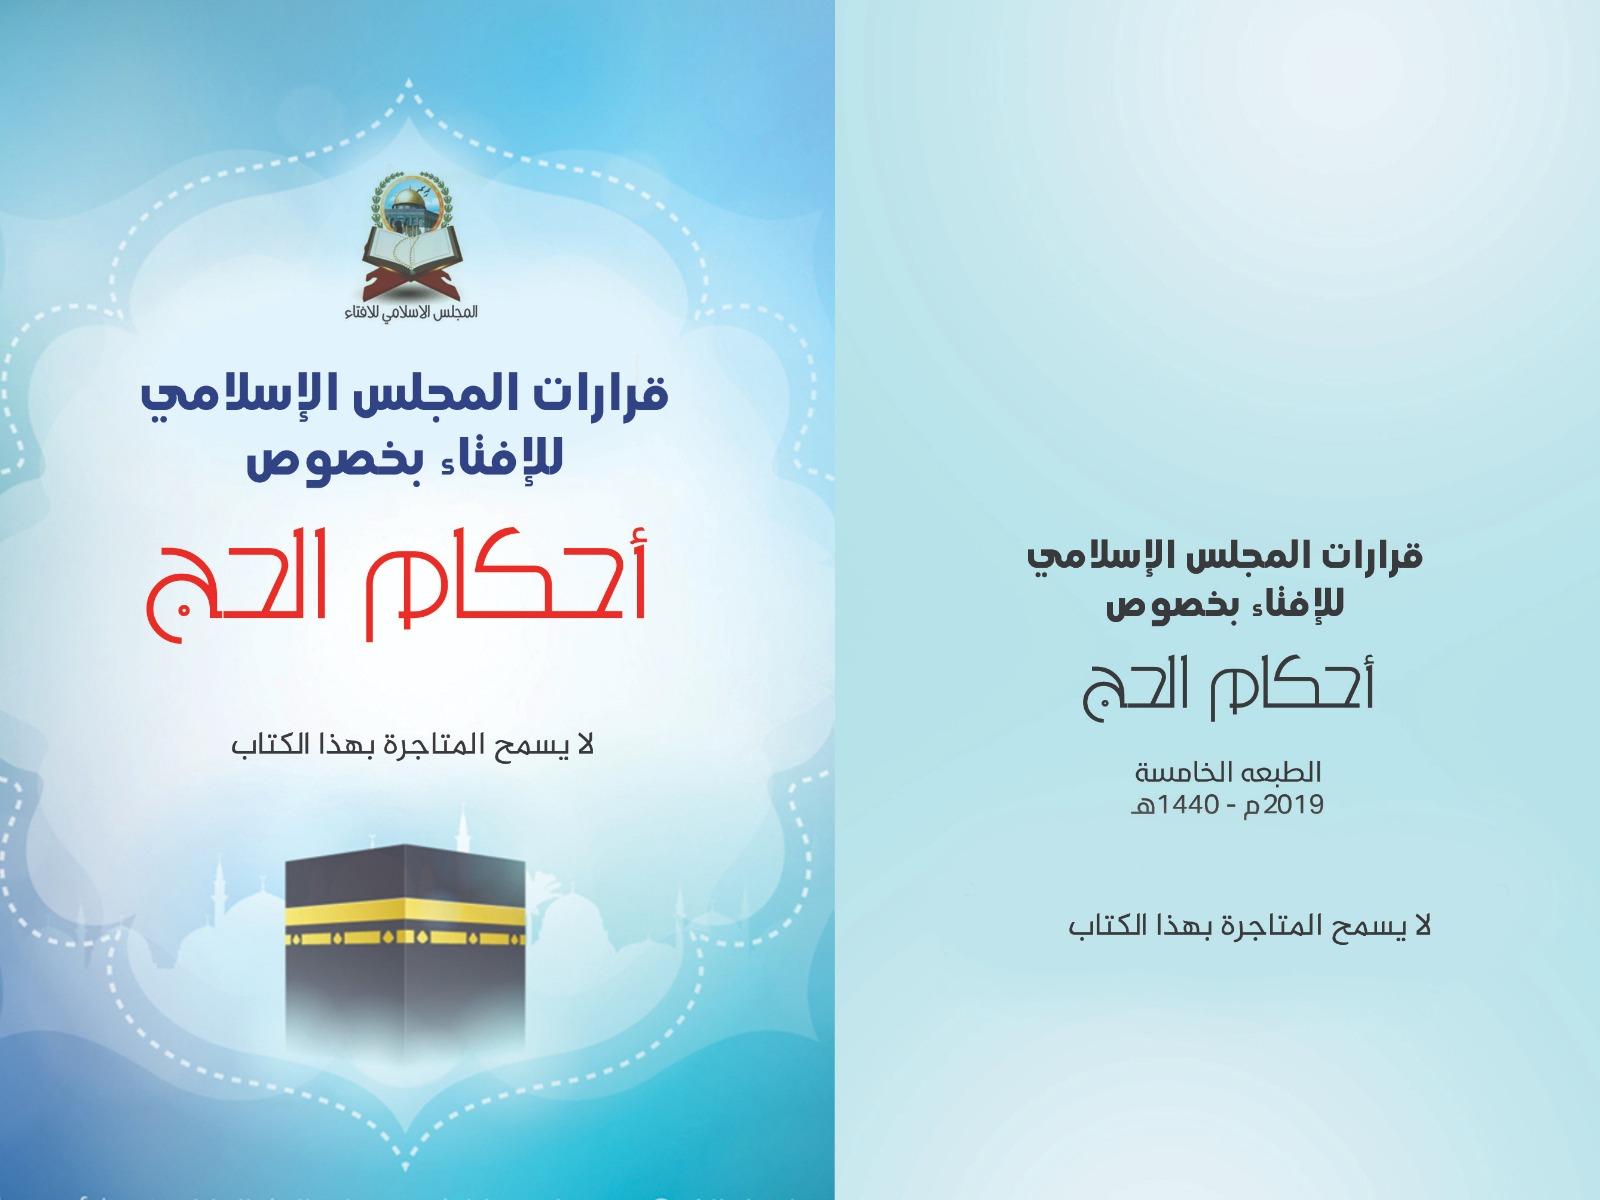 Photo of المجلس الإسلامي للافتاء في الداخل الفلسطيني يصدر مؤلفا حول أحكام الحج